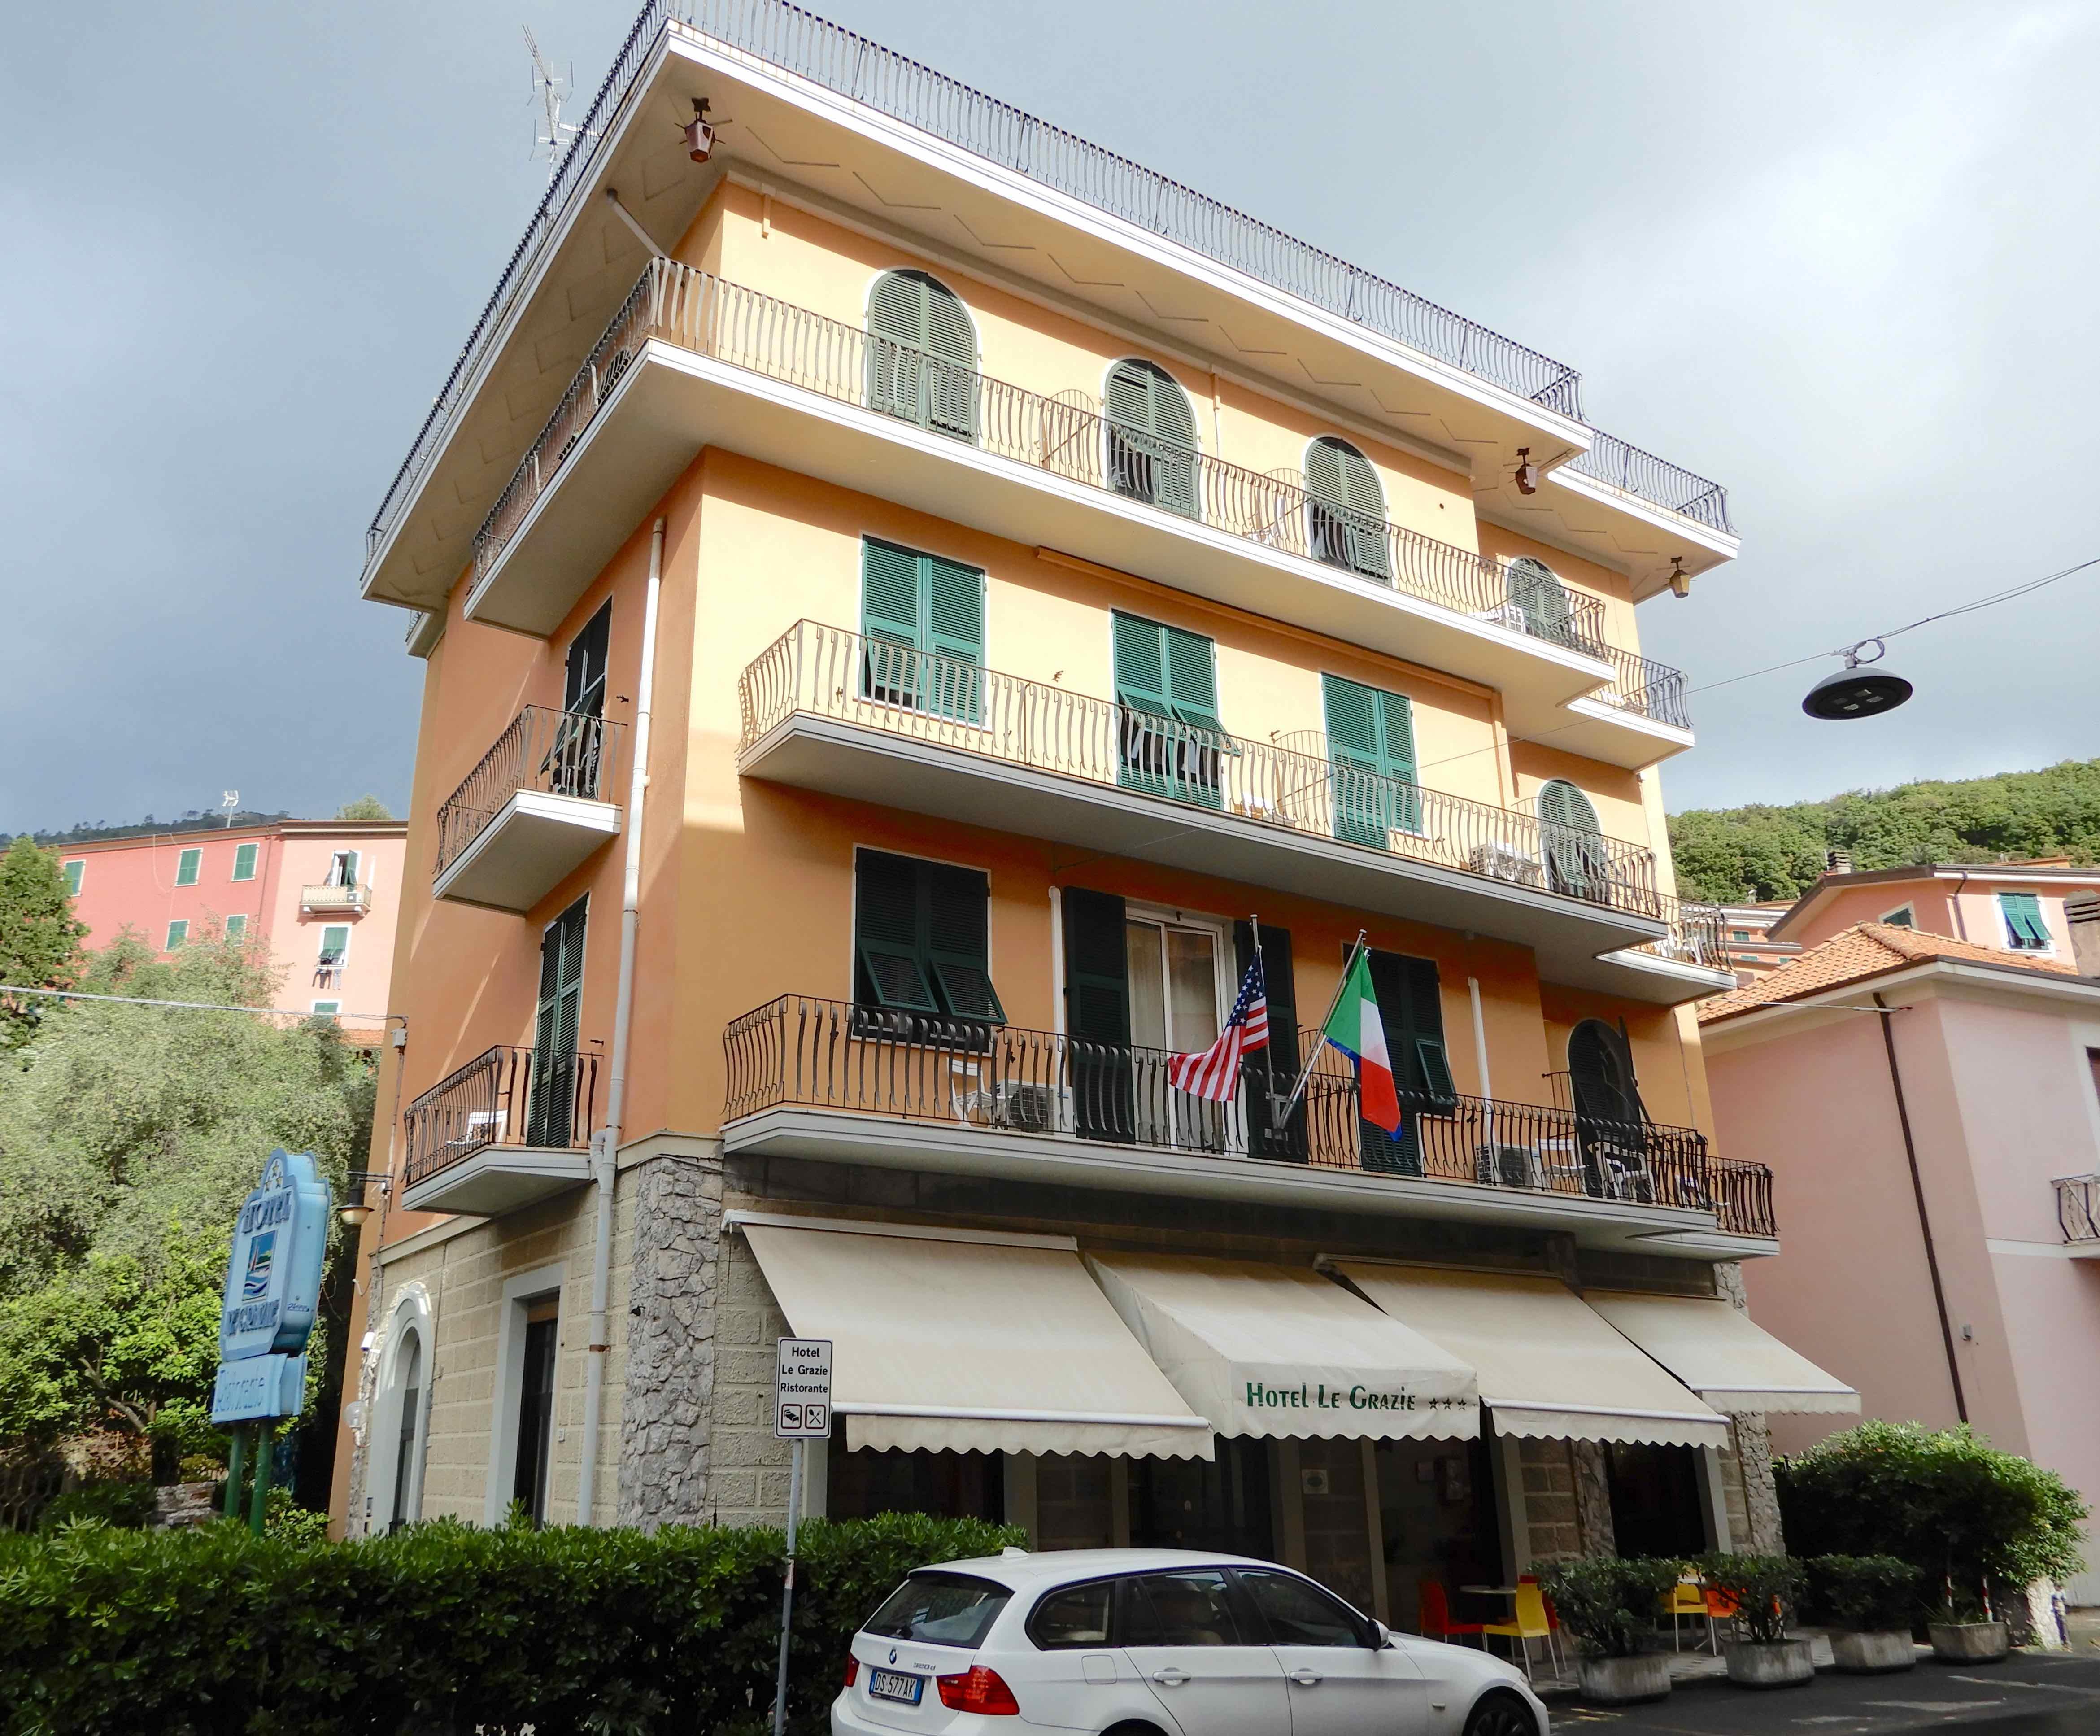 1.Hotel Le Grazie